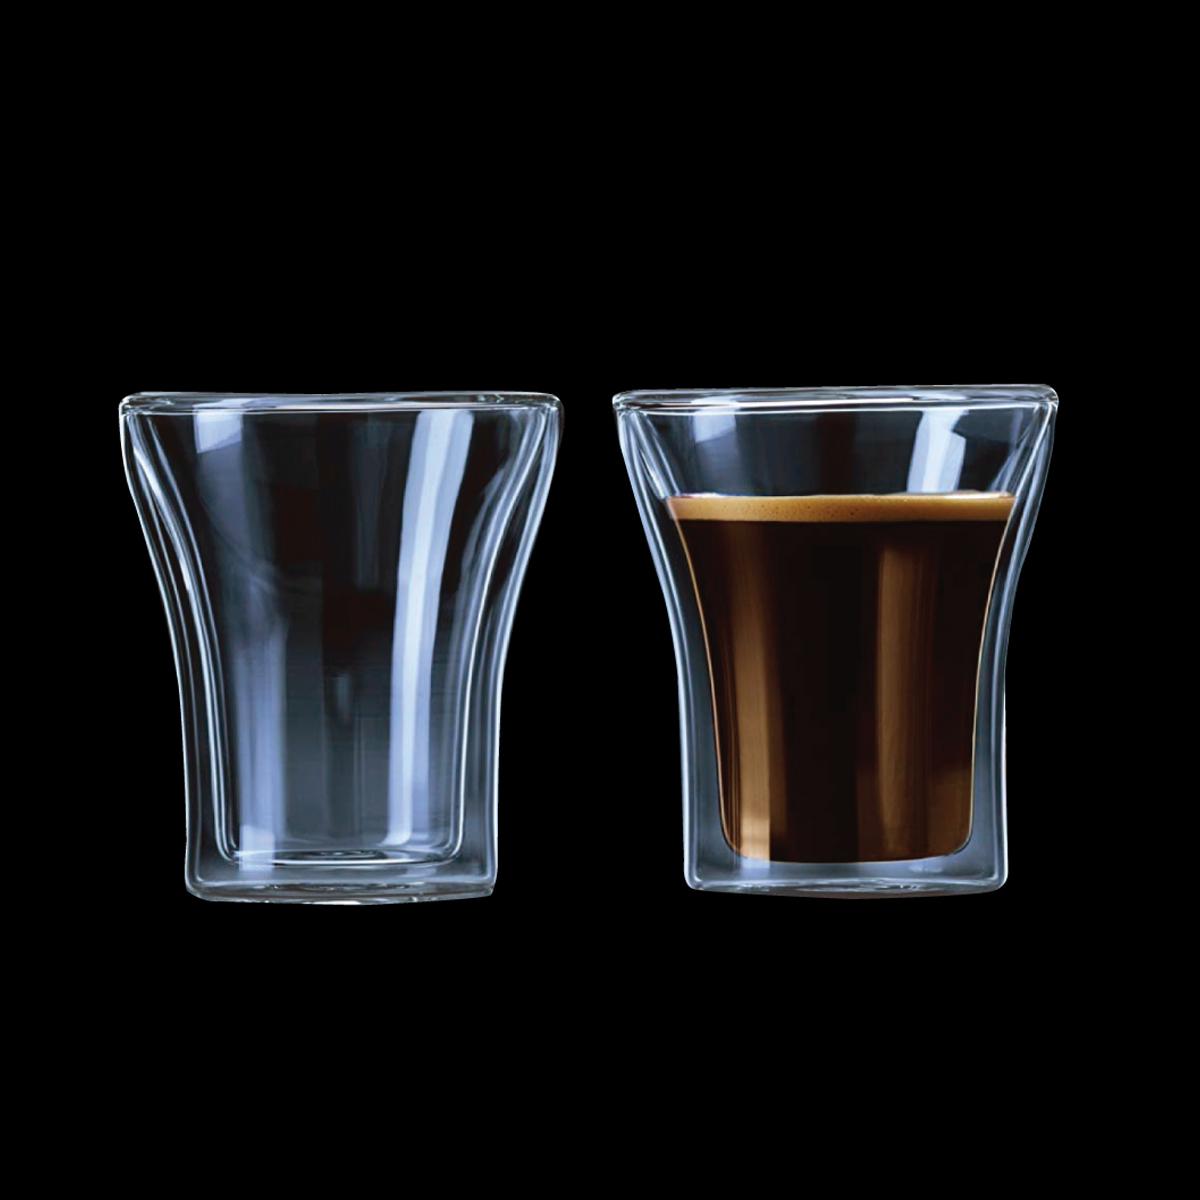 זוג כוסות זכוכית דופן כפולה